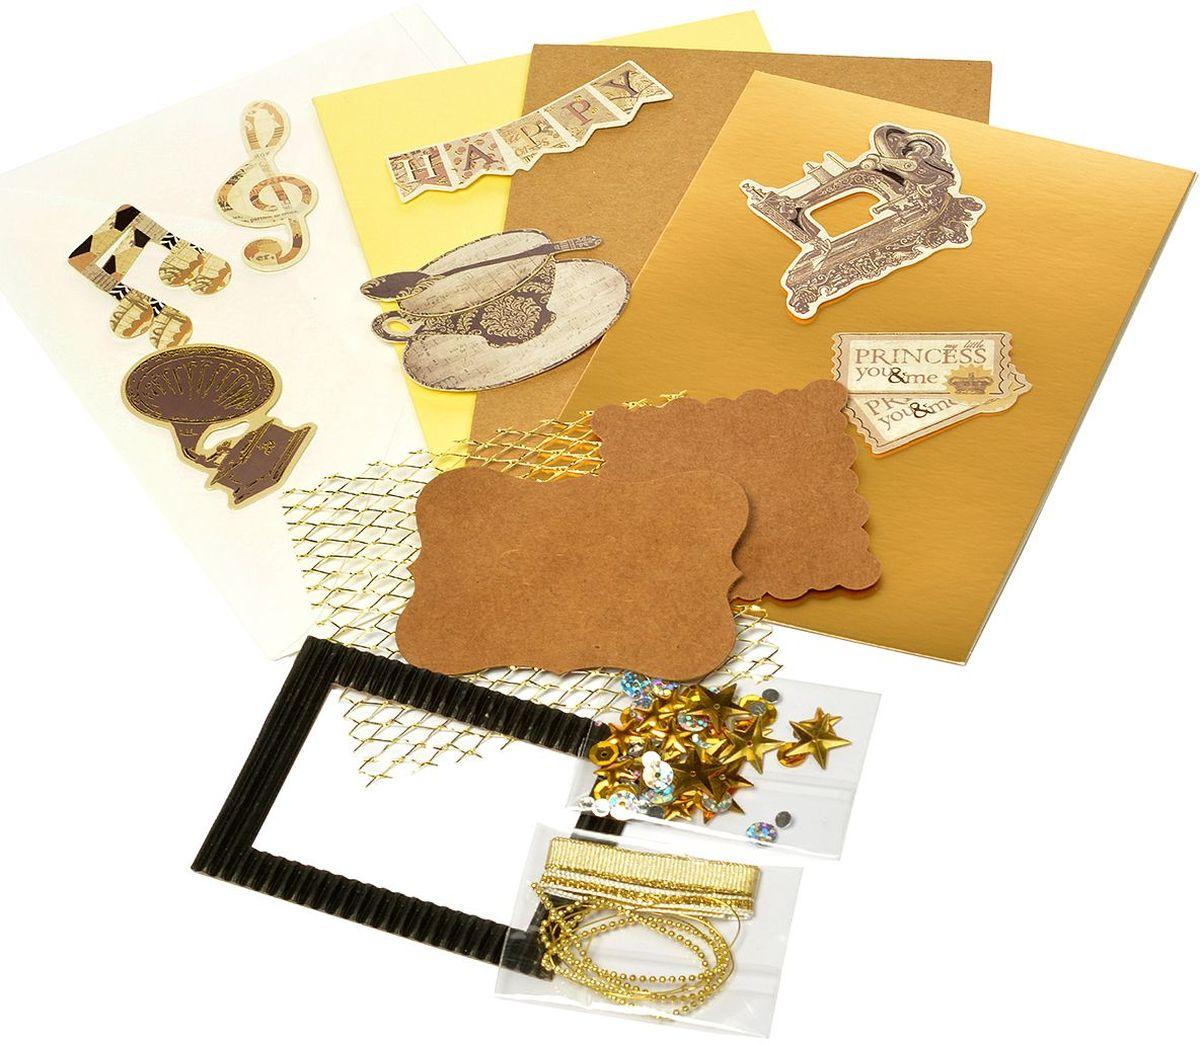 Набор для создания открыток Magic 4 Hobby, 11,5 x 17 см. MG.DIY-3A.3 набор для создания открыток magic 4 hobby 11 5 x 17 см 11 5 x 21 см mg diy 6b 2